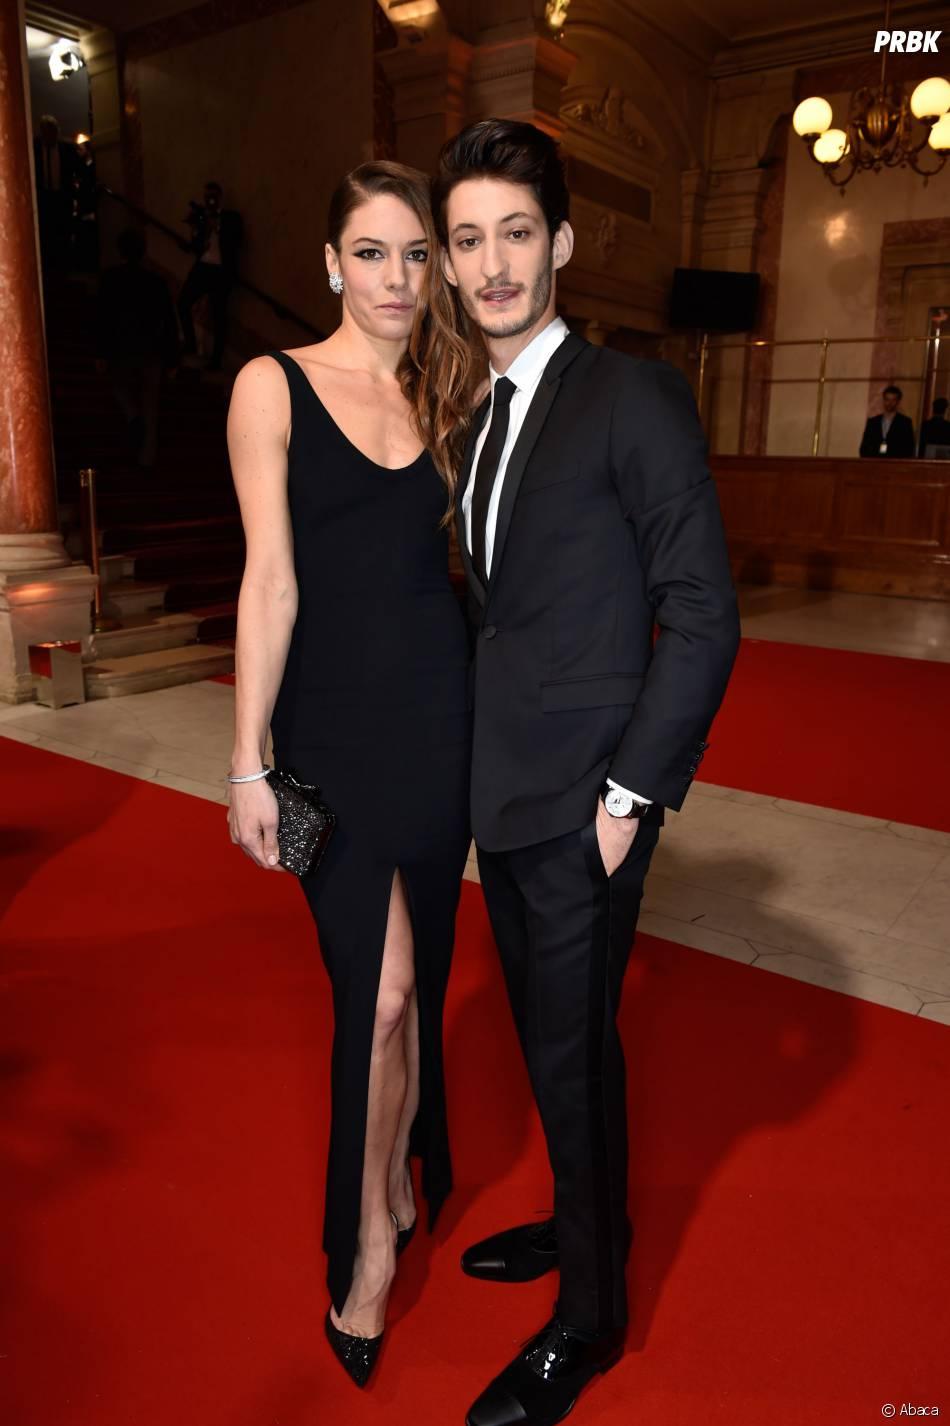 Pierre Niney et Natasha Andrews sur le tapis rouge des César 2015 au théâtre du Châtelet à Paris, le 20 février 2015